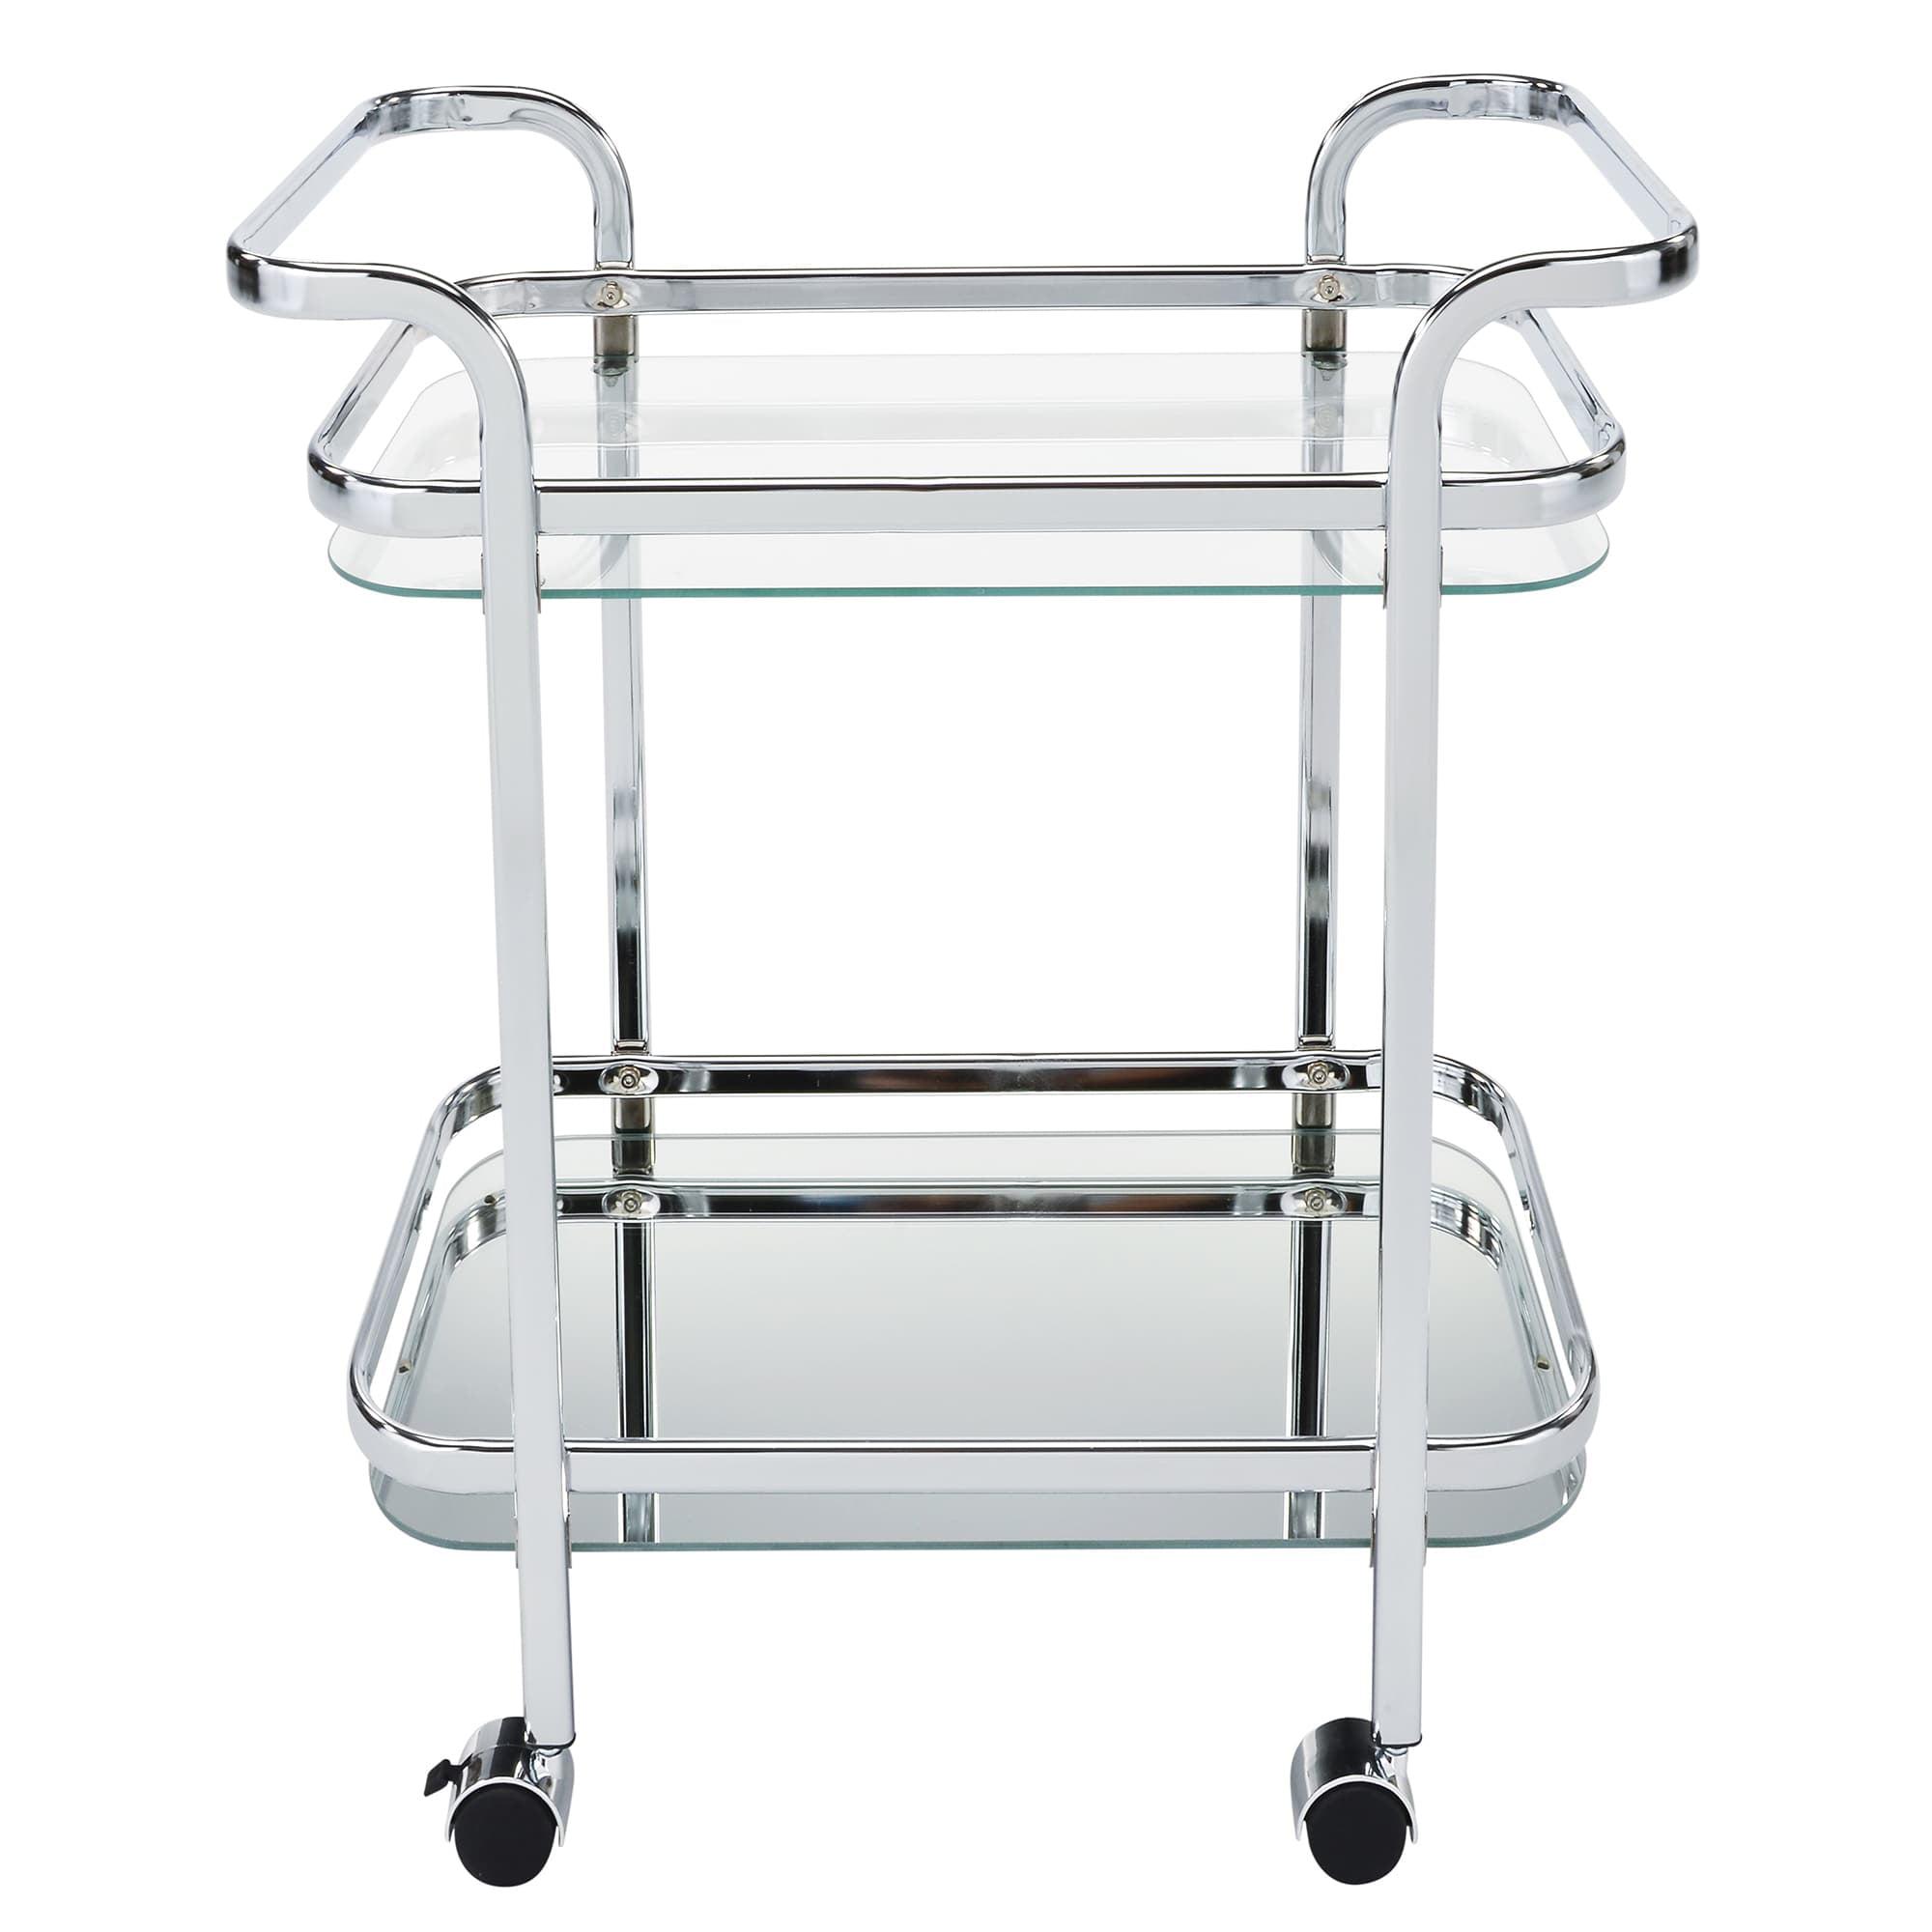 2 Tier Chrome/Glass Bar Cart